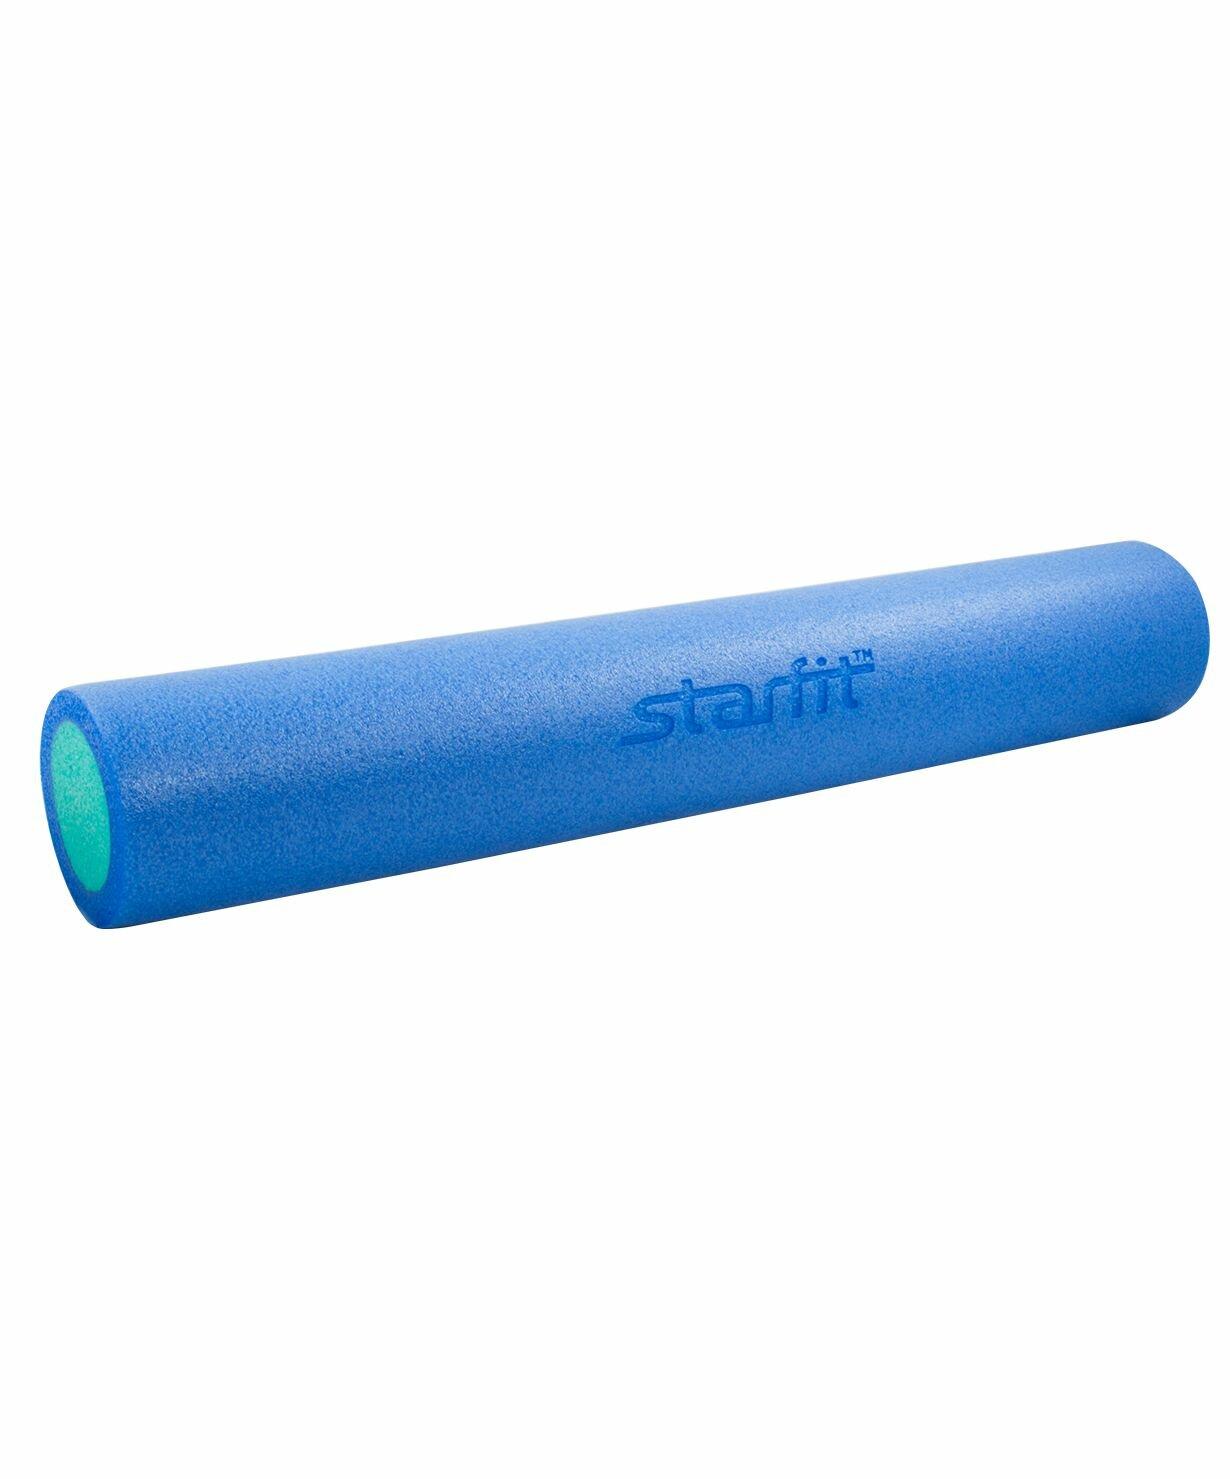 Ролик для йоги и пилатеса FA-502, 15х90 см, синий/голубой